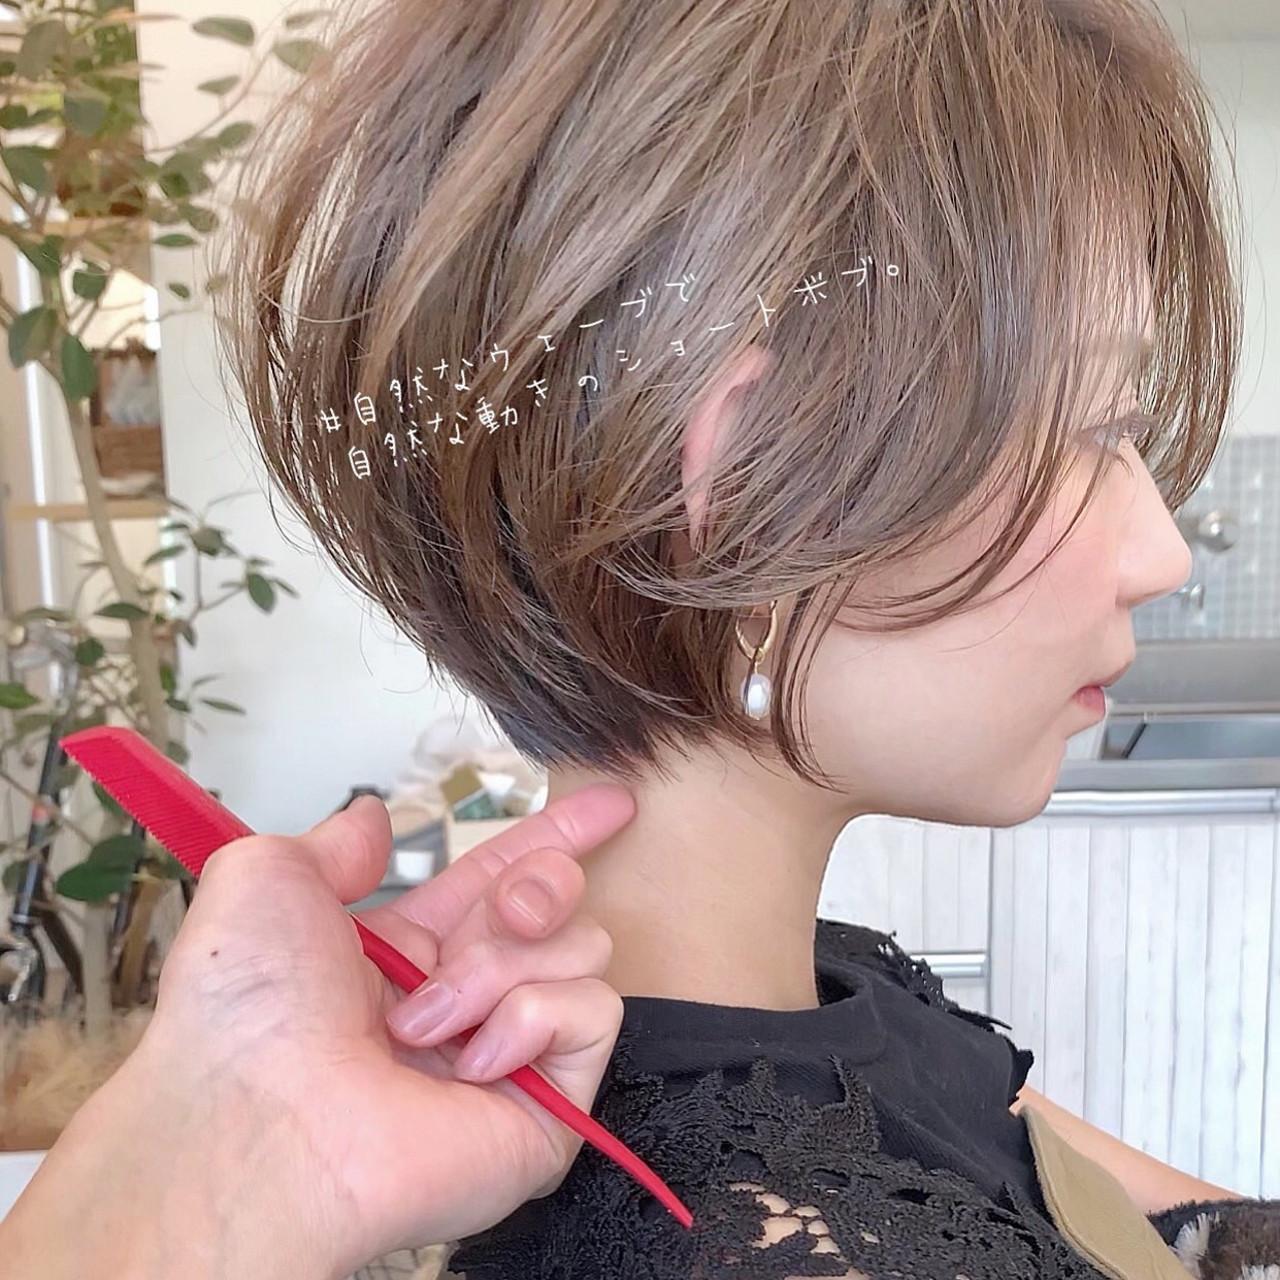 ナチュラル ミニボブ ショート インナーカラー ヘアスタイルや髪型の写真・画像